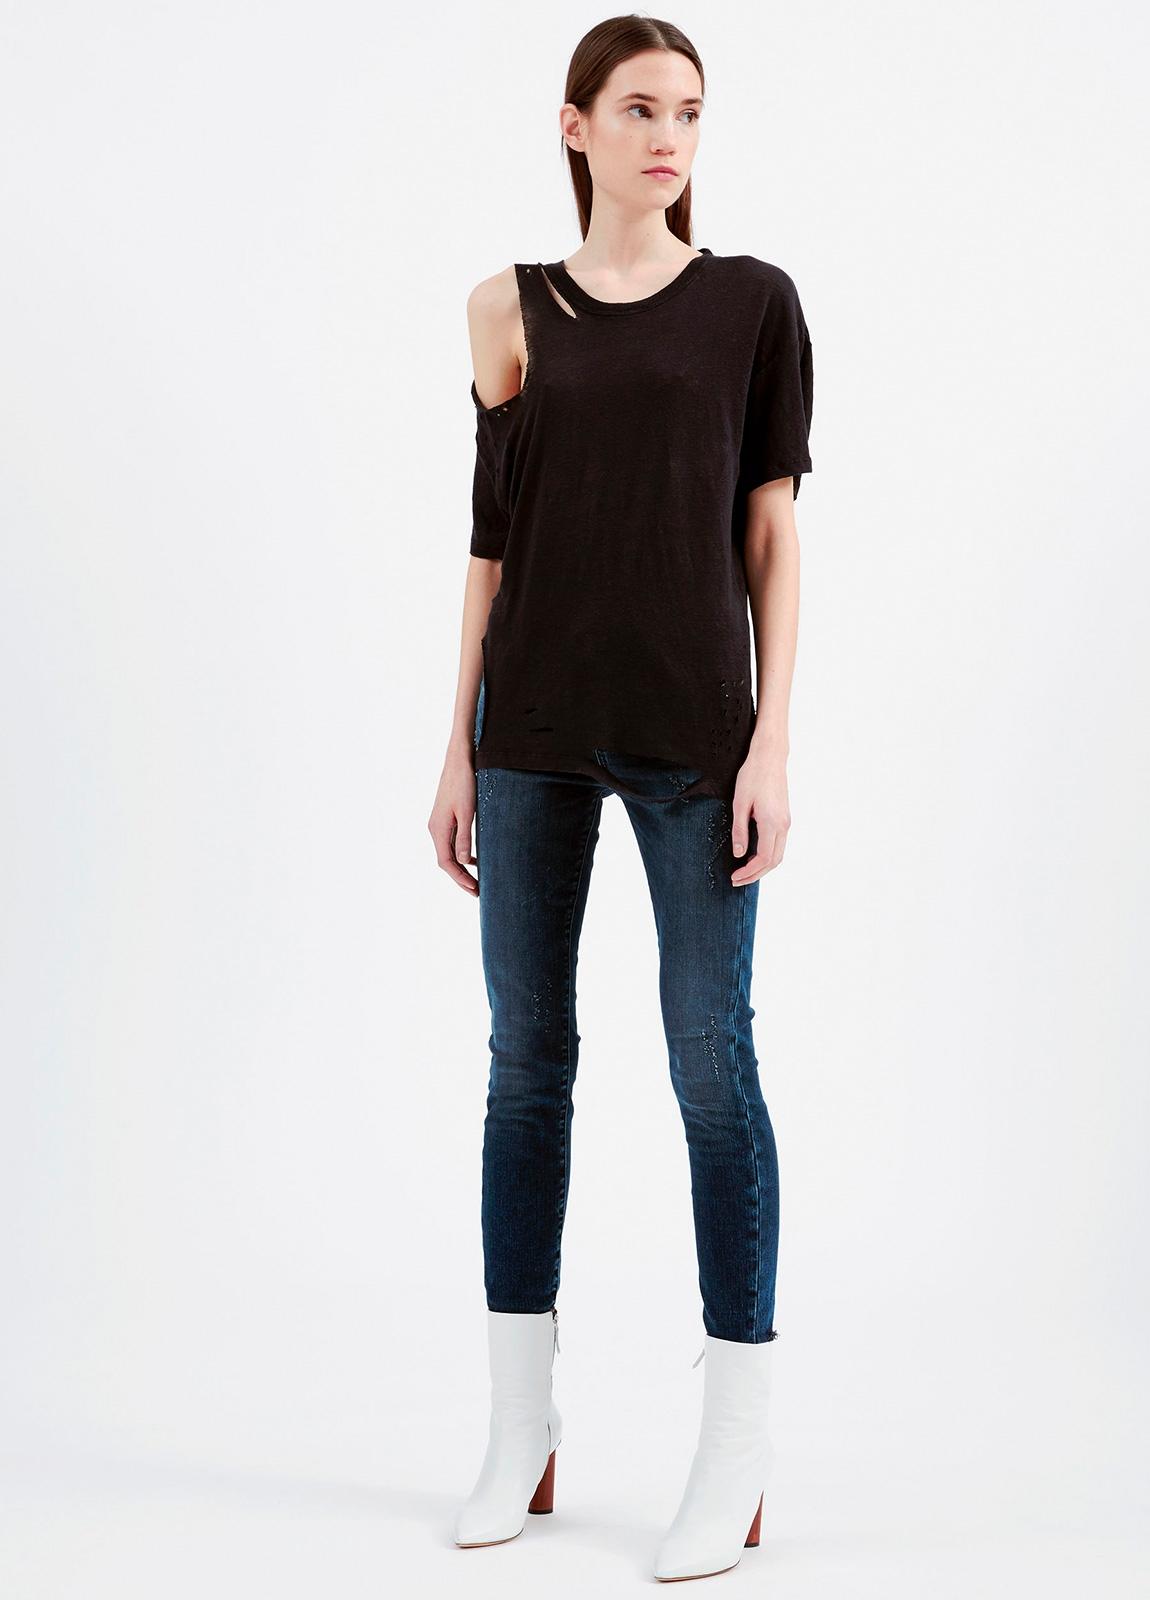 Camiseta asimétrica de manga corta color negro. 100% Lino - Ítem2